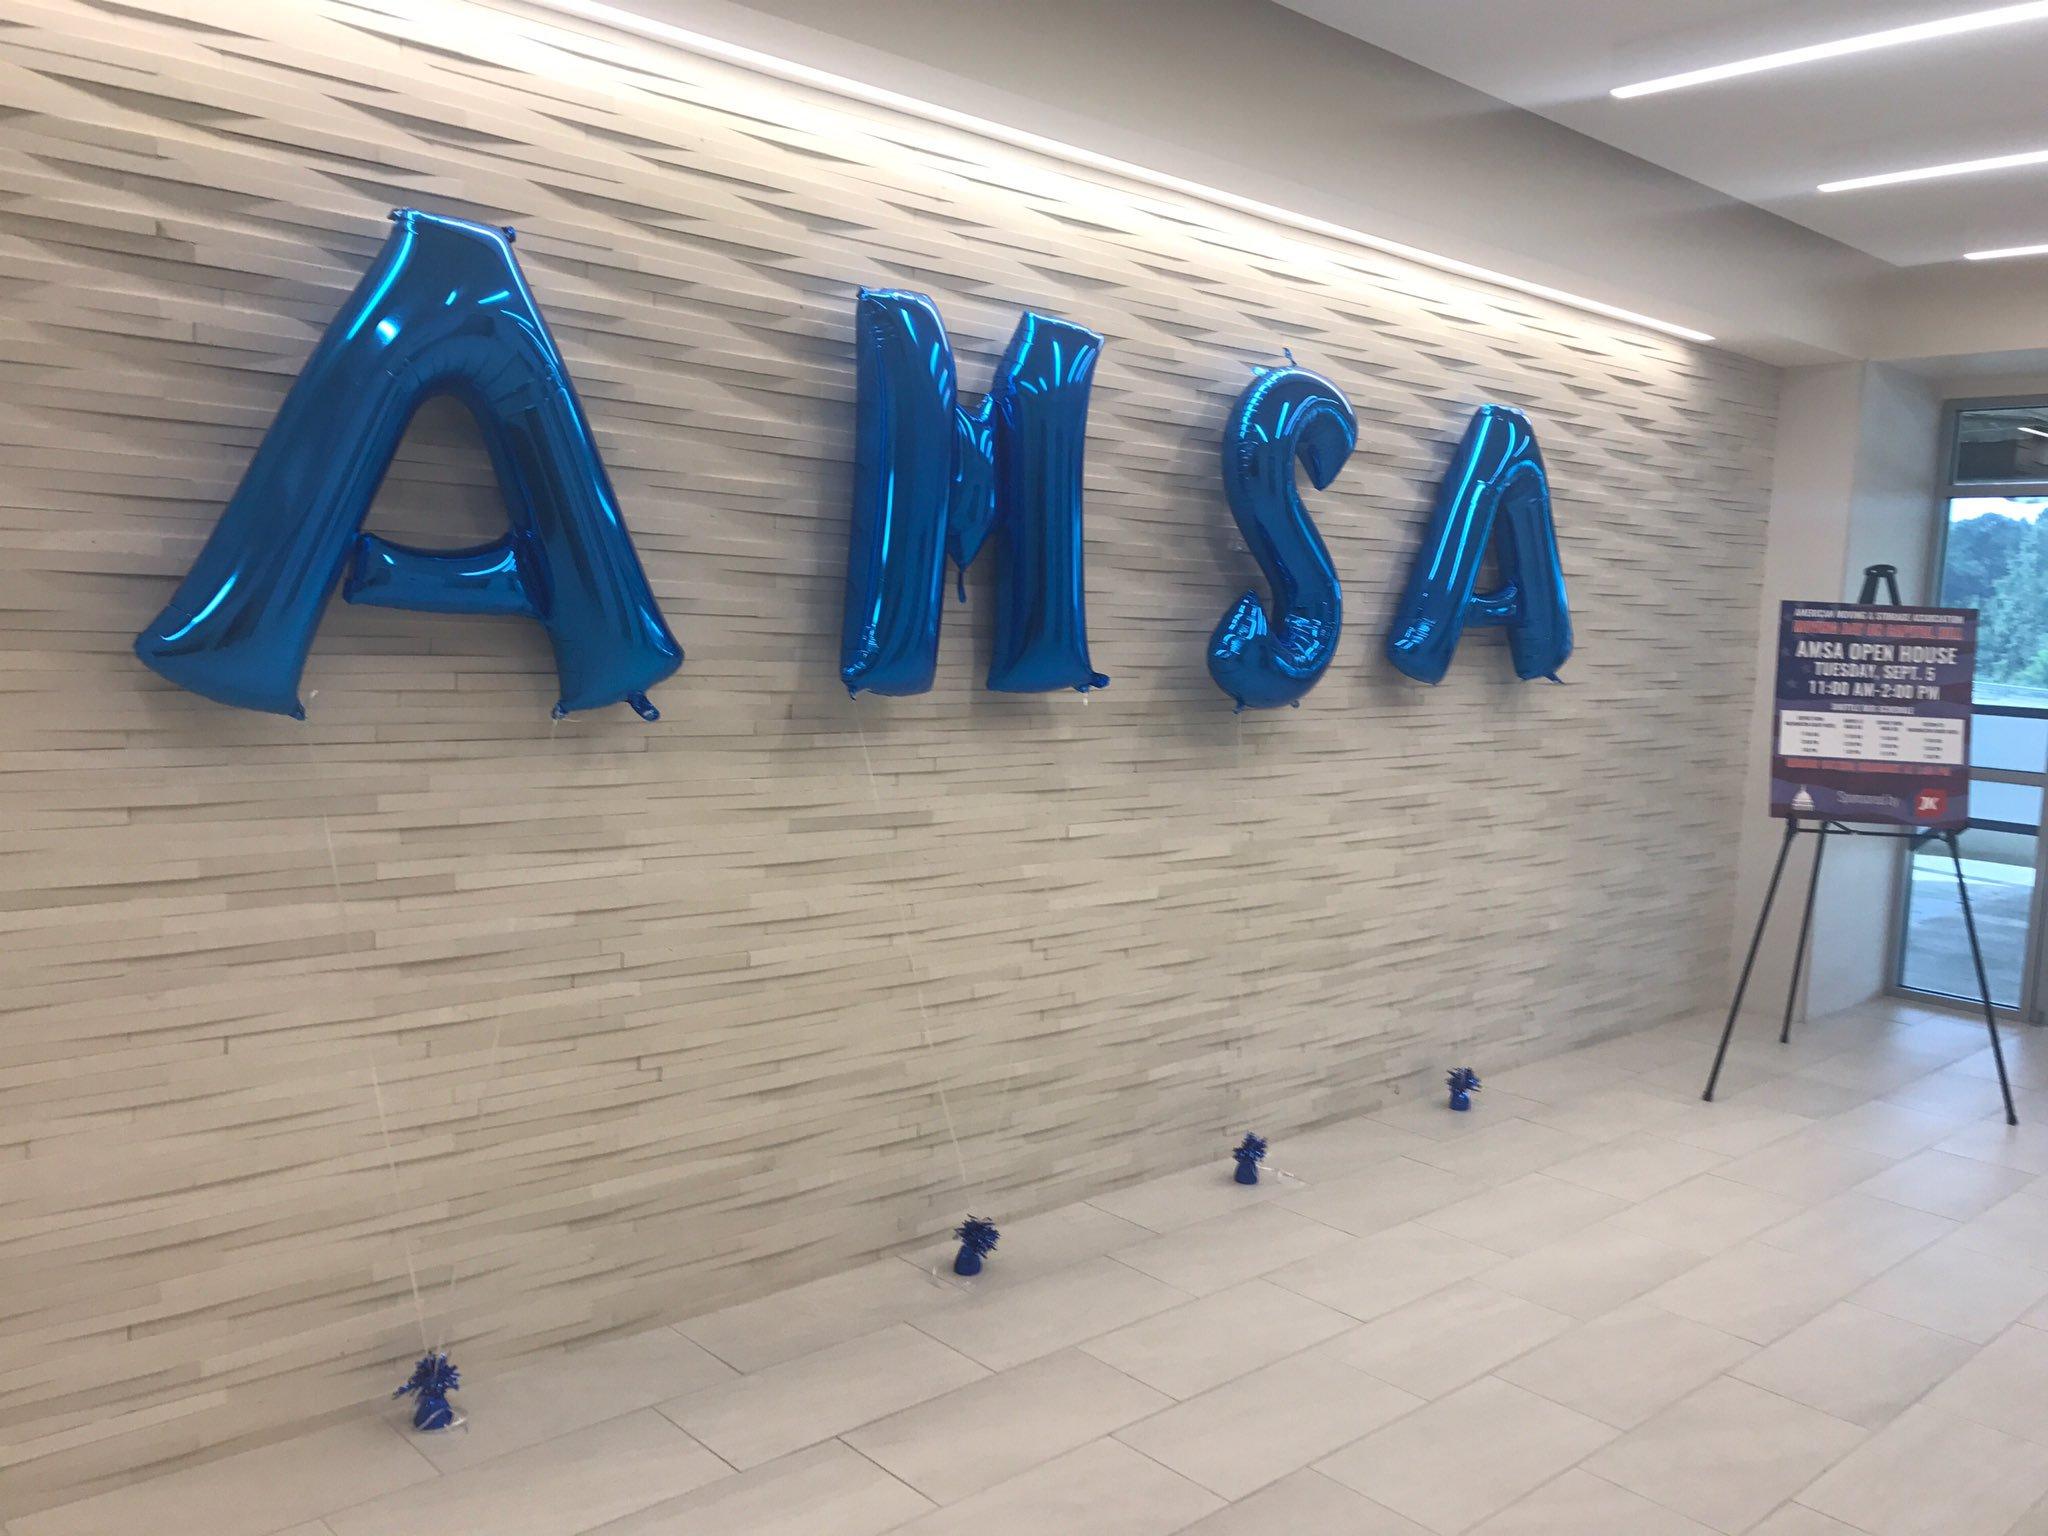 amsa-new-office_sept-17-recap.jpg